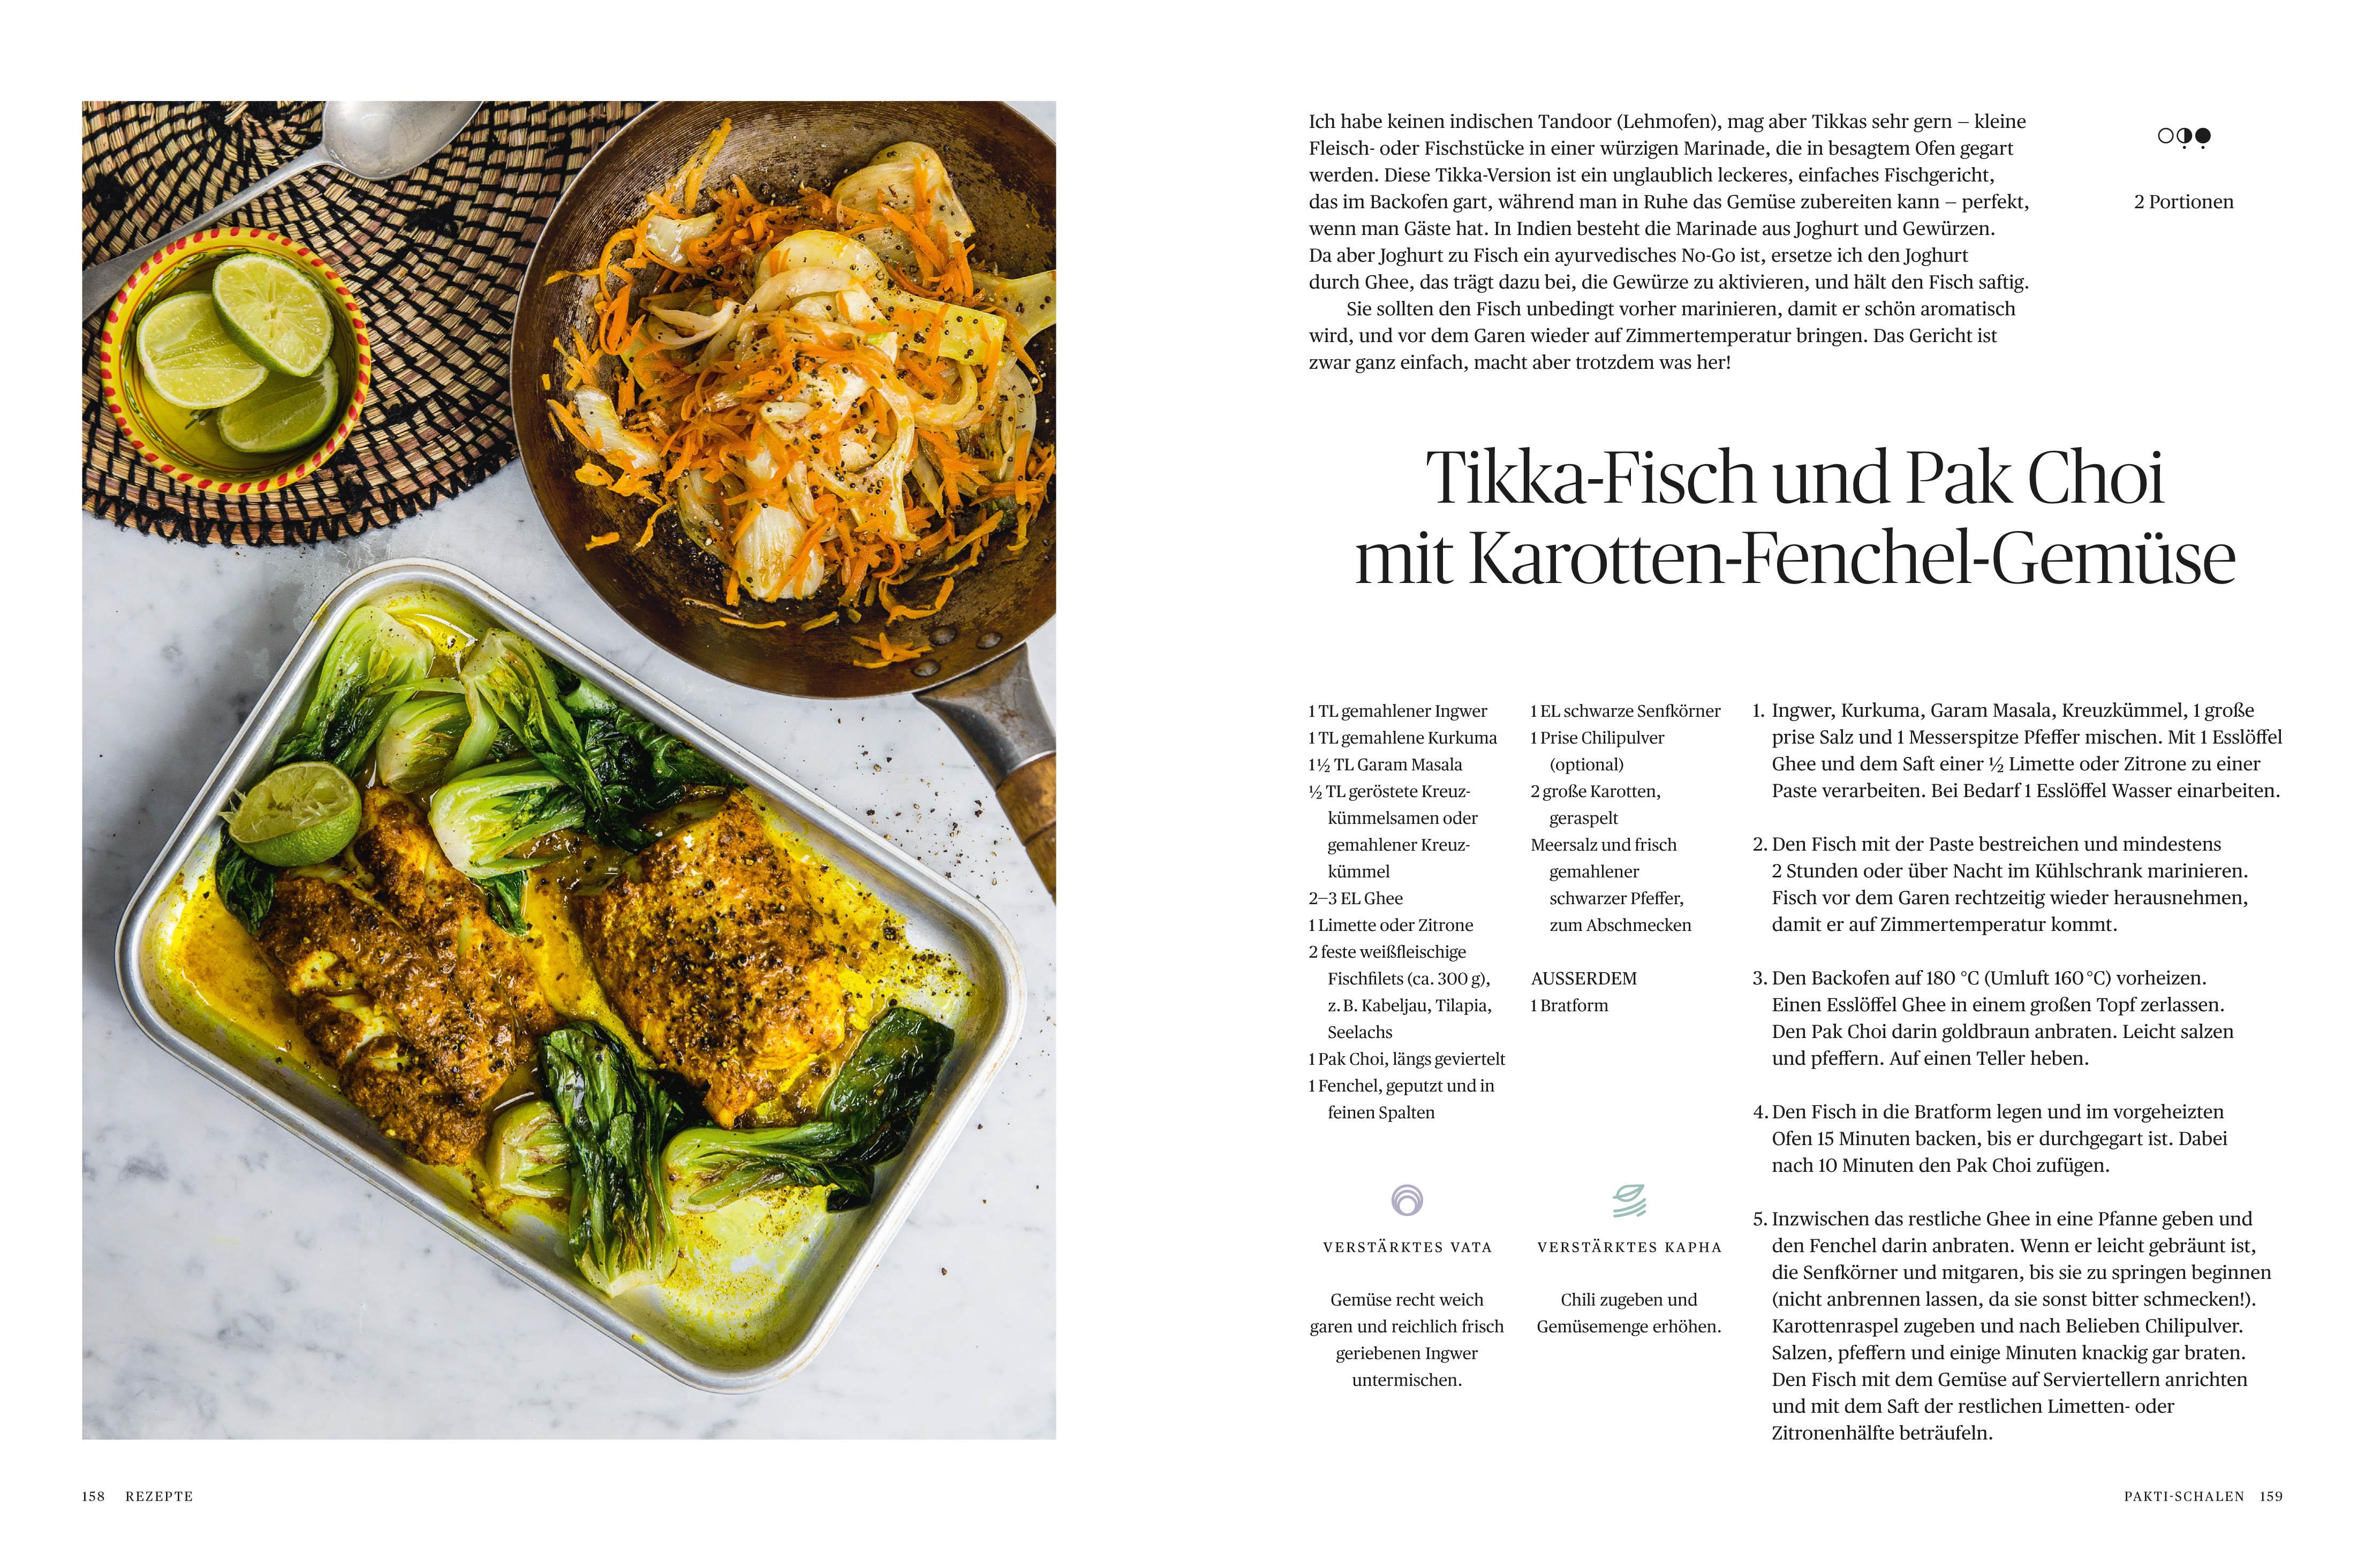 Kühlschrank Aufbau Und Wirkungsweise : East by west: einfach ayurvedisch kochen für die optimale body mind